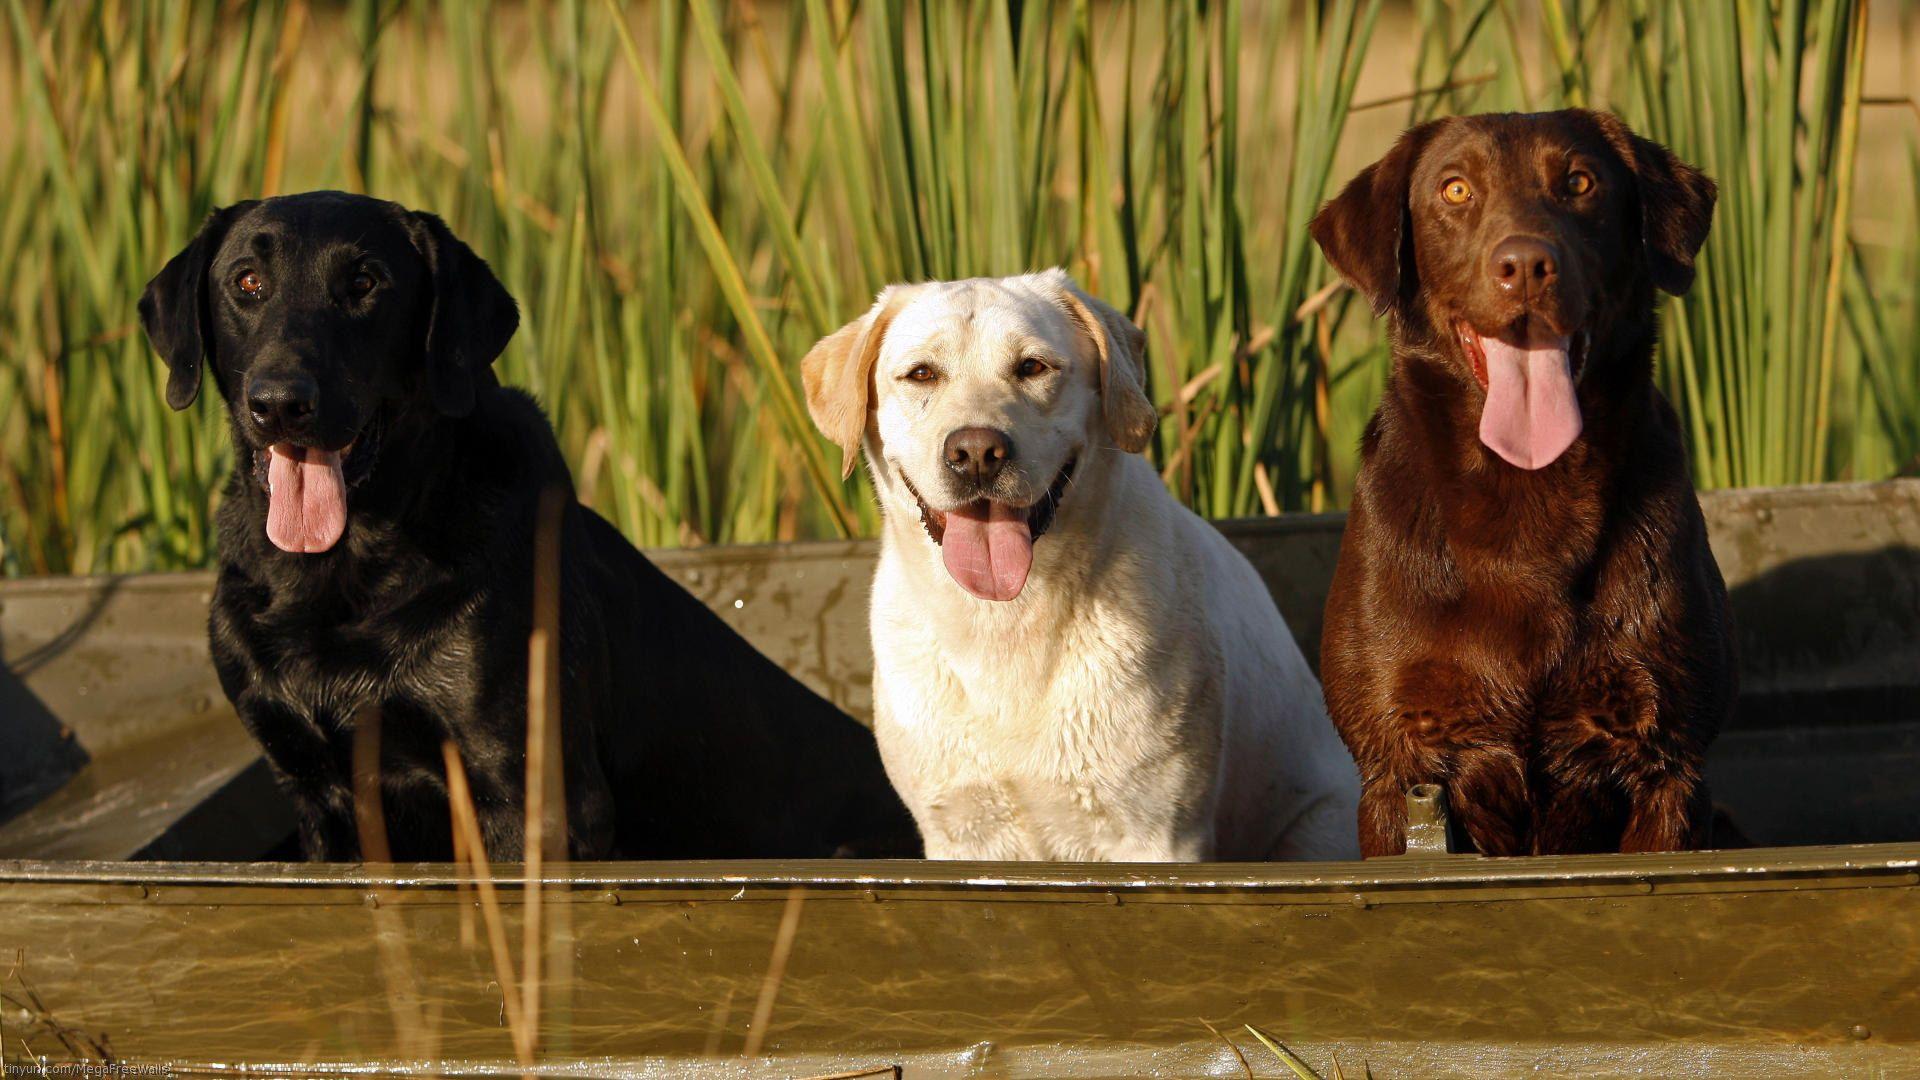 Labrador Retriever Computer Wallpaper Desktop Background 1920x1080 Id 277679 Dog Breed Info Labrador Retriever Labrador Dog